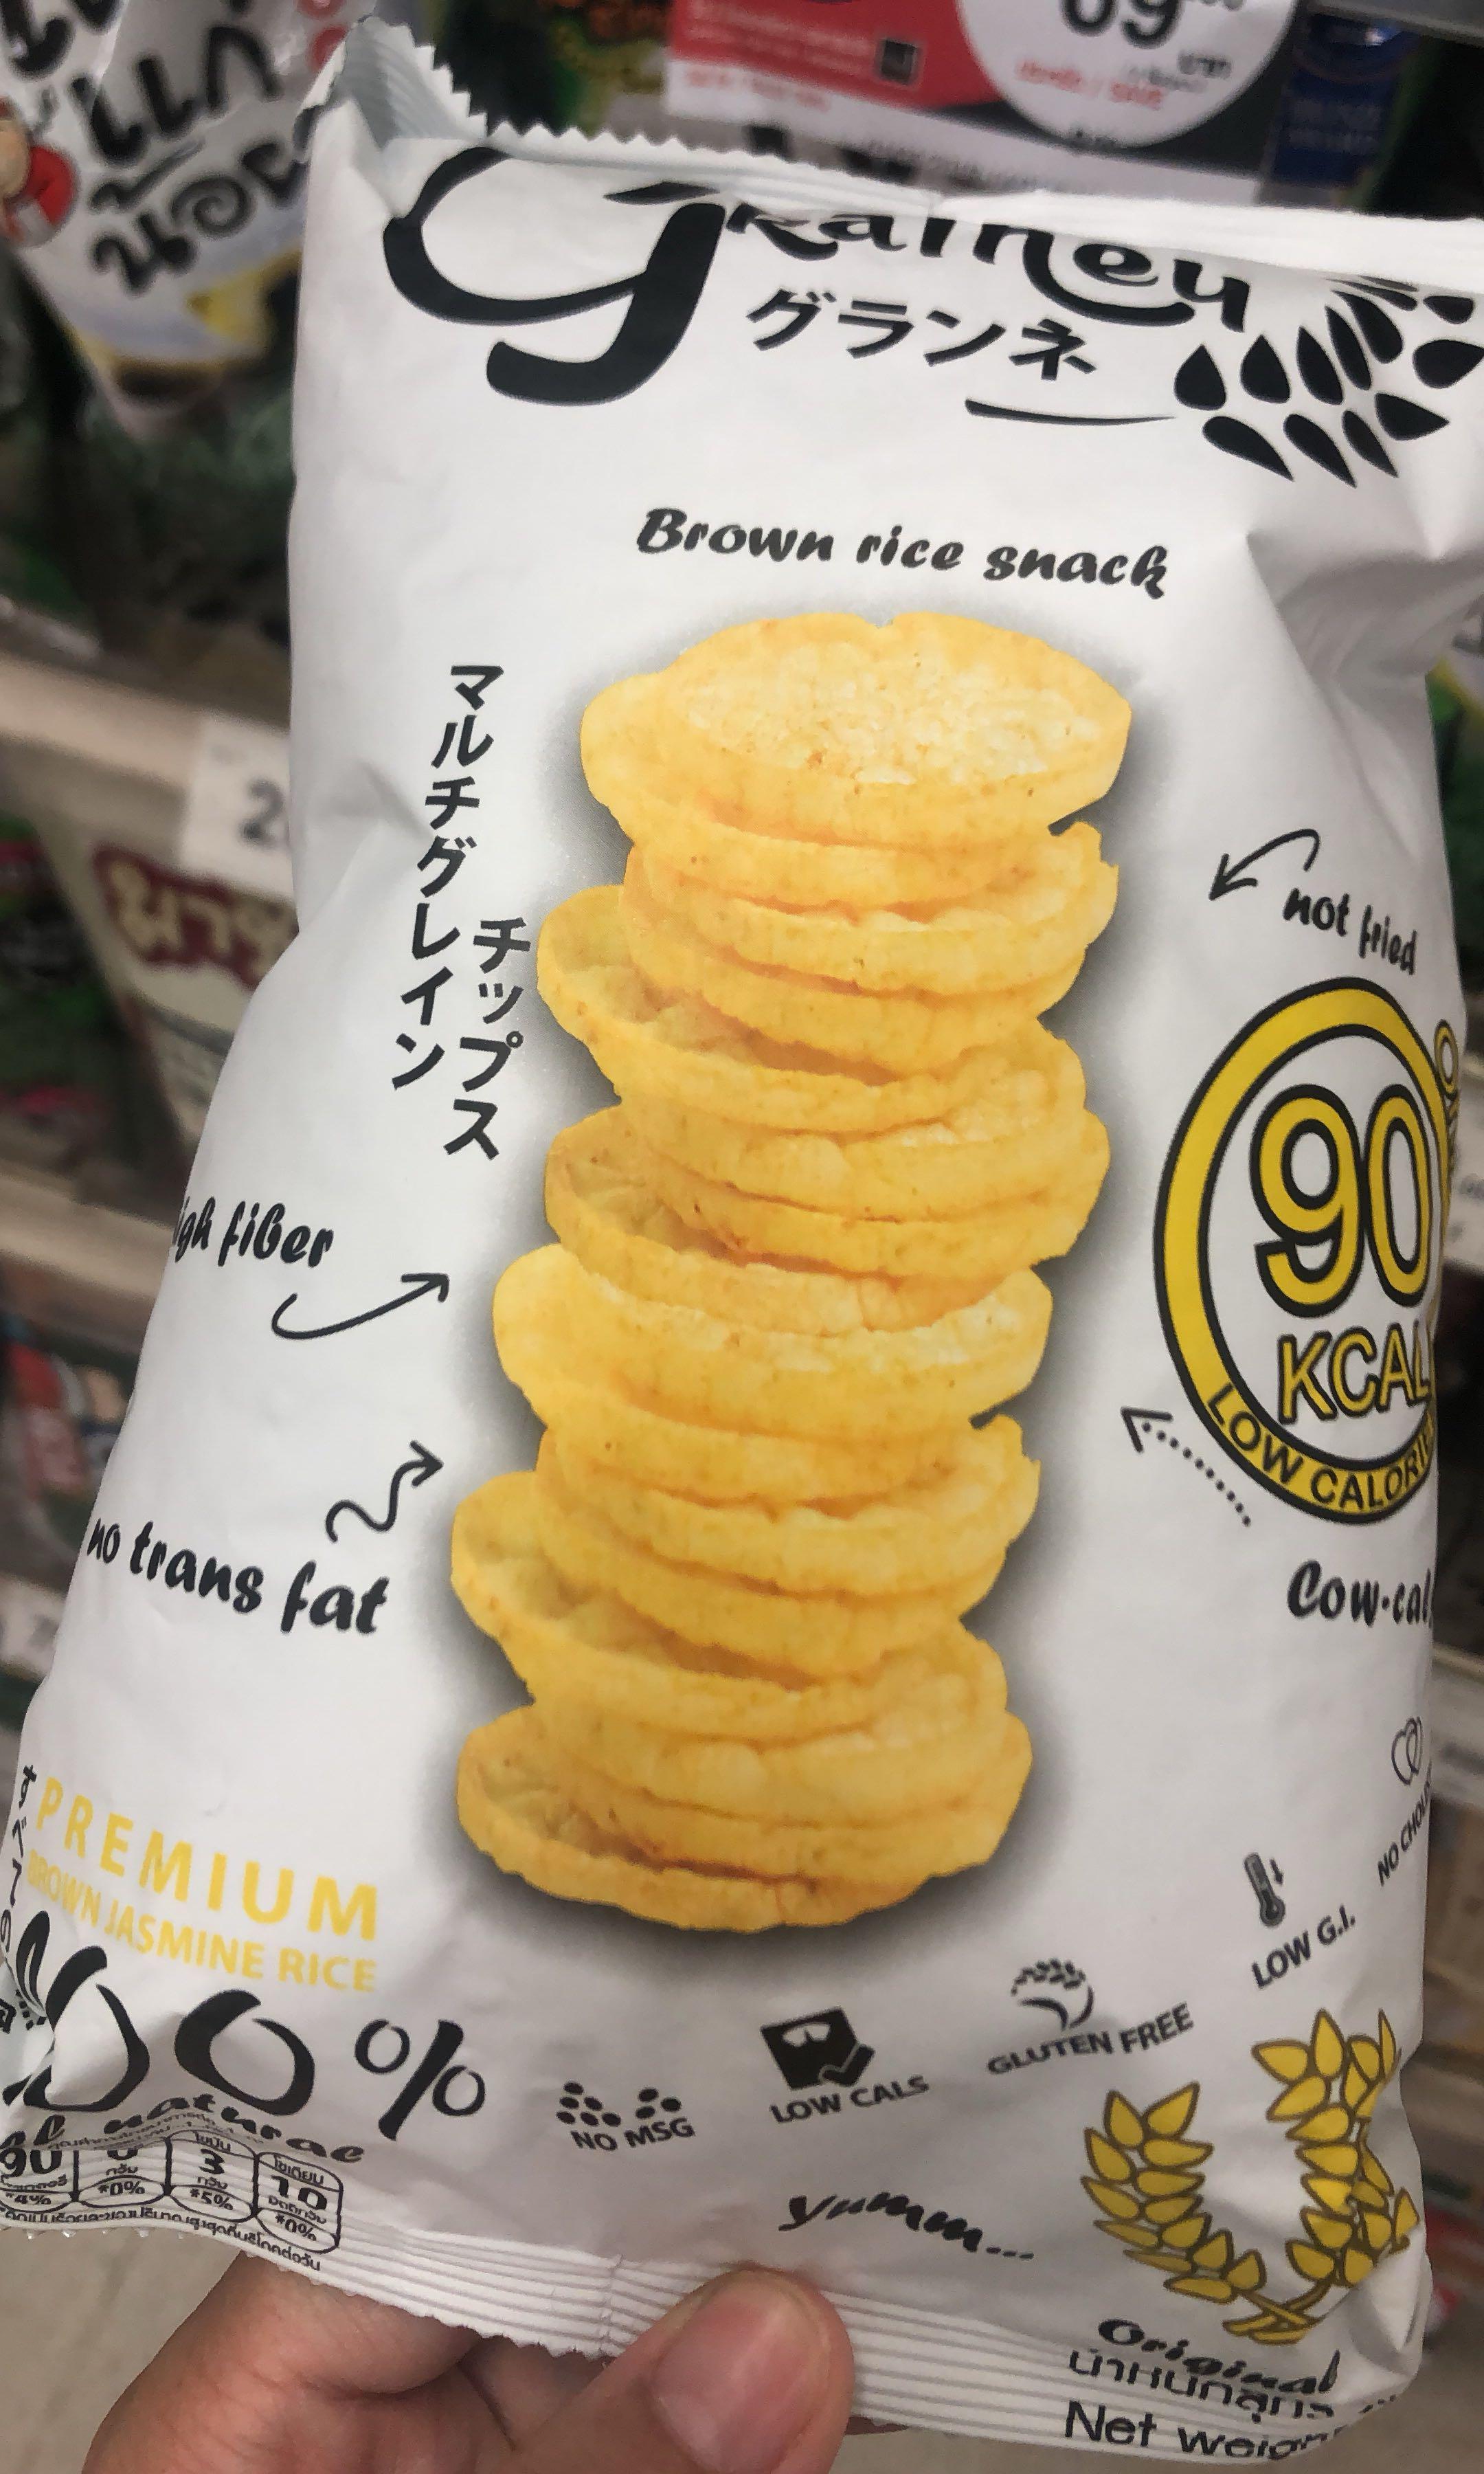 Gluten free/ 低脂/ 減重中零食